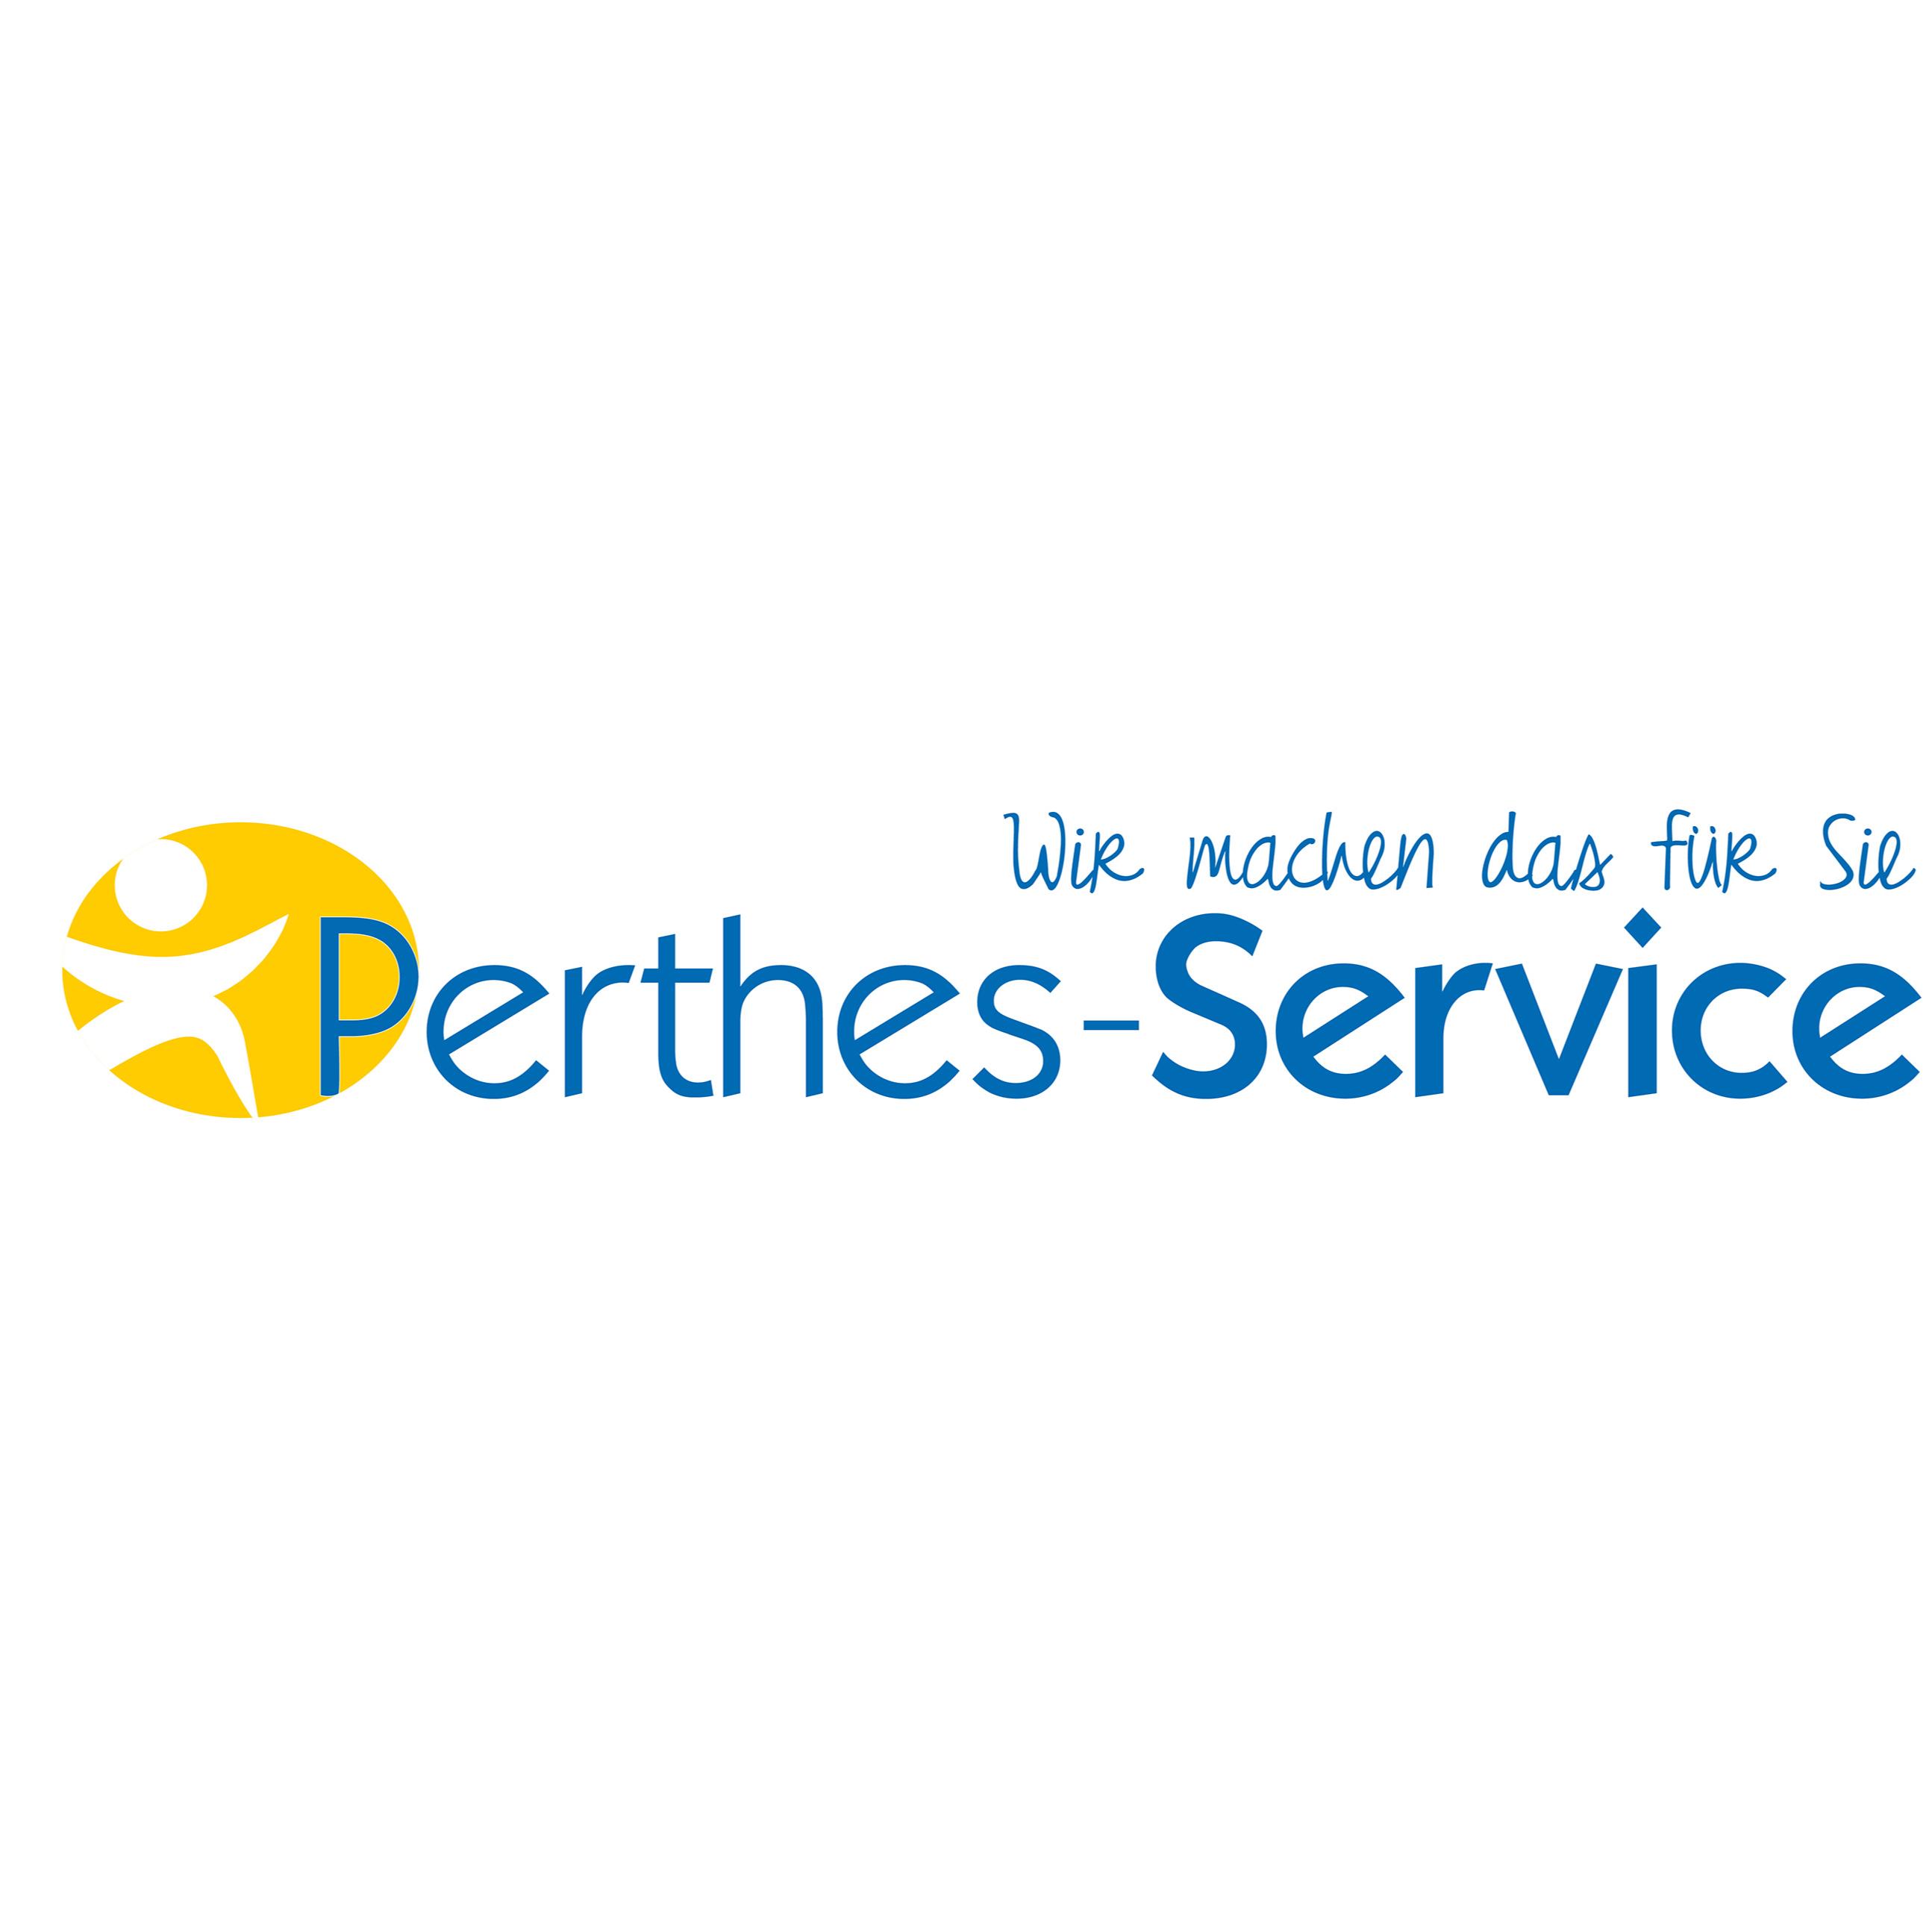 Bild zu Perthes-Service GmbH - Betriebsstätte Dietrich-Bonhoeffer-Altenzentrum Lüdenscheid in Lüdenscheid